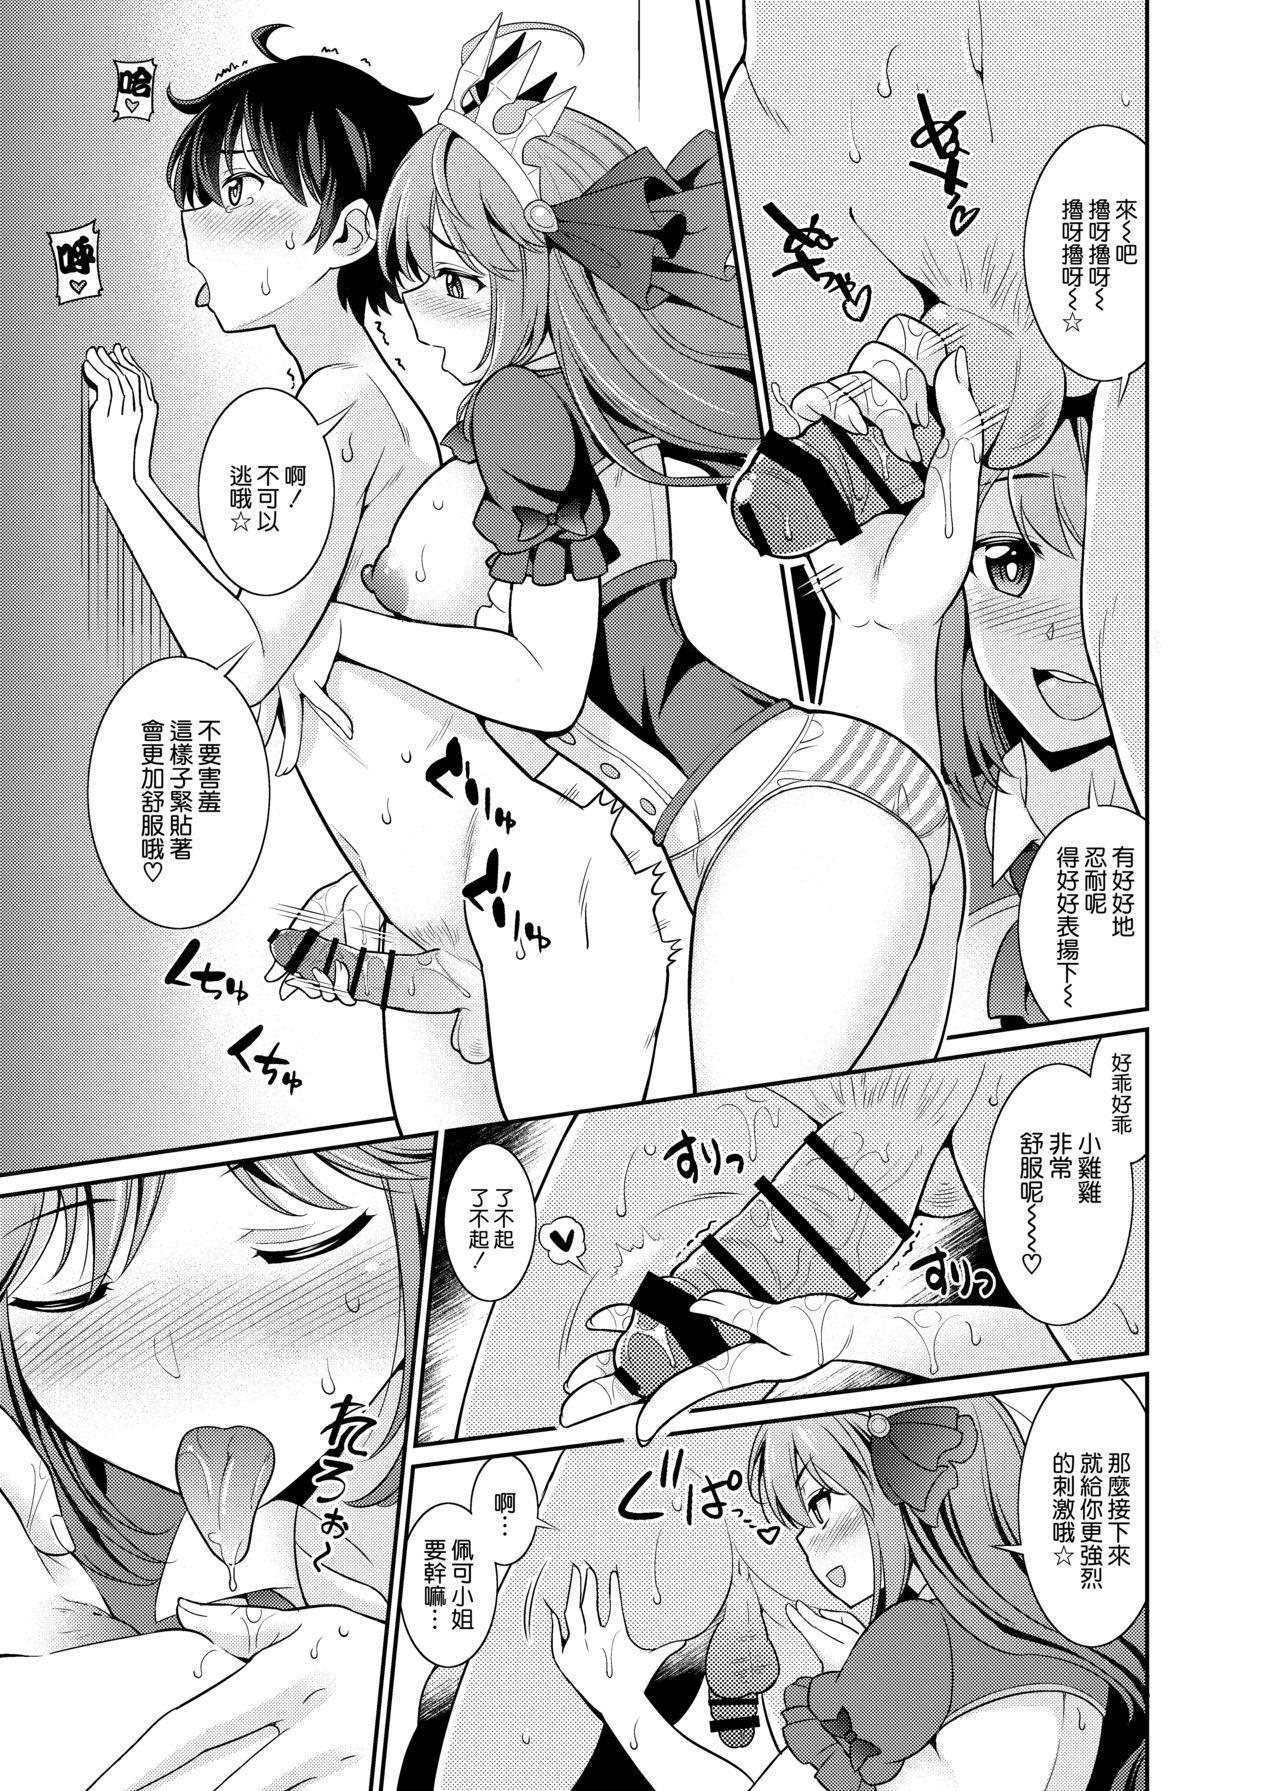 Peco-san no Yasashii Shasei Kanri 6